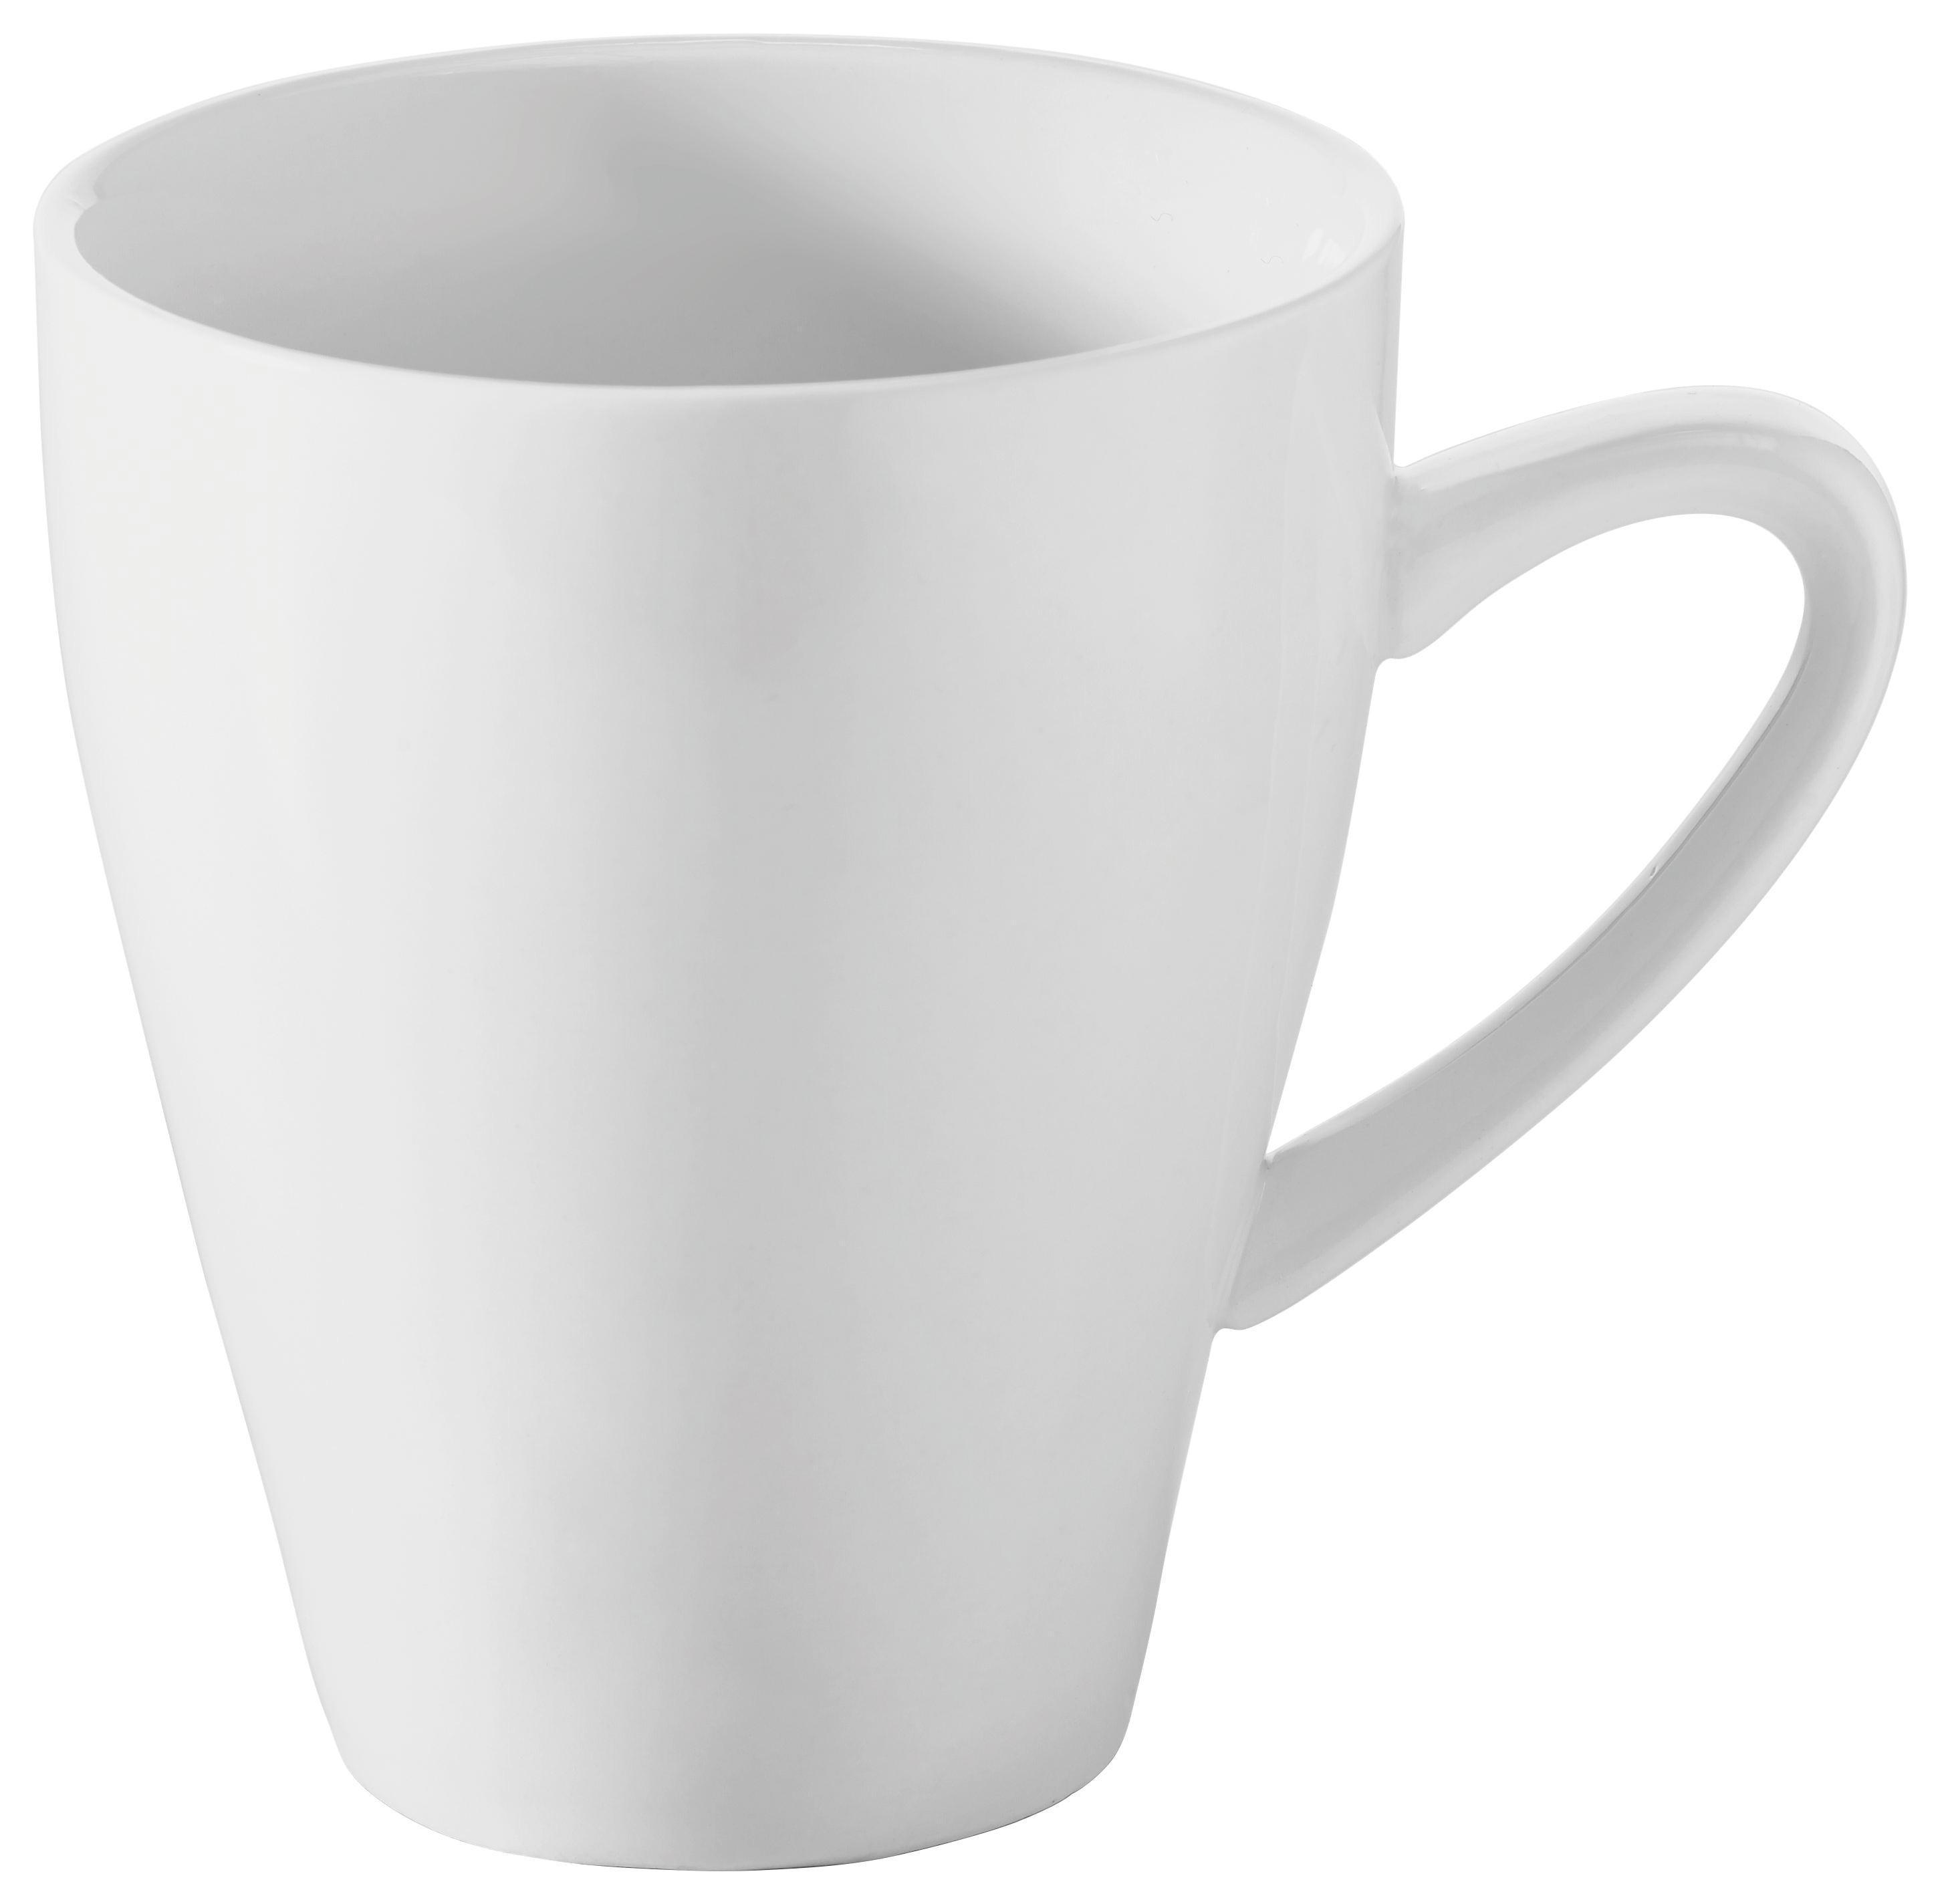 KAFFEEBECHER - Weiß (0,32l) - NOVEL